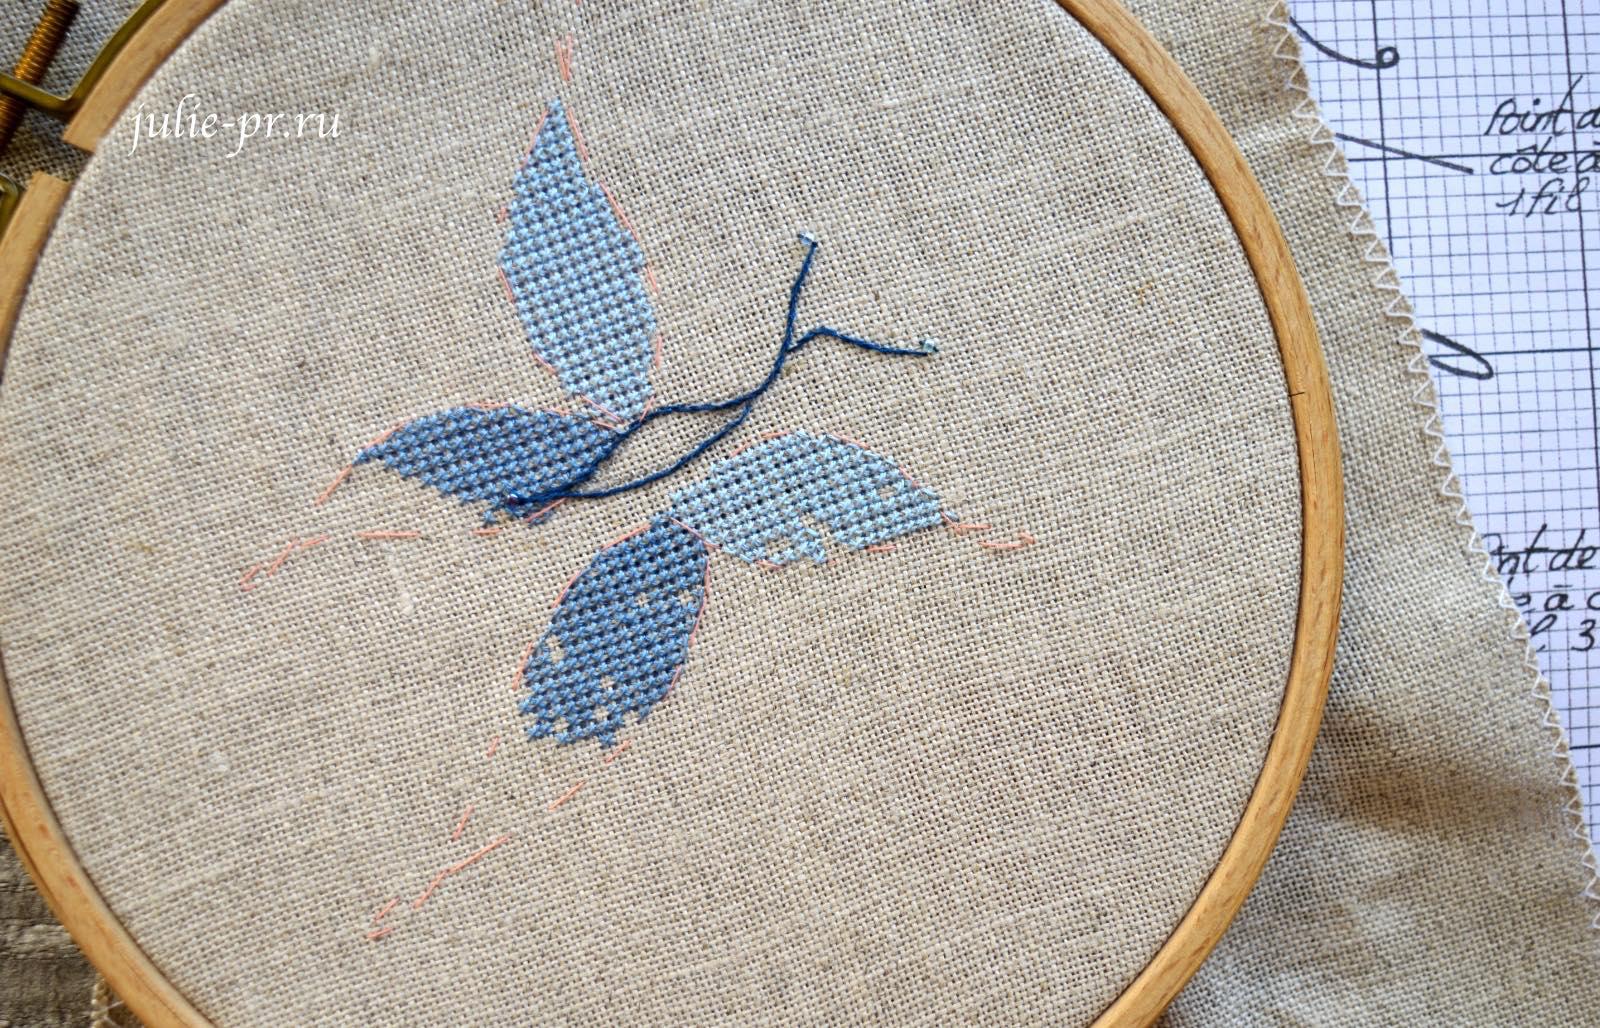 Вышивка крестом, Soizic, буква J с бабочкой, как вышивать